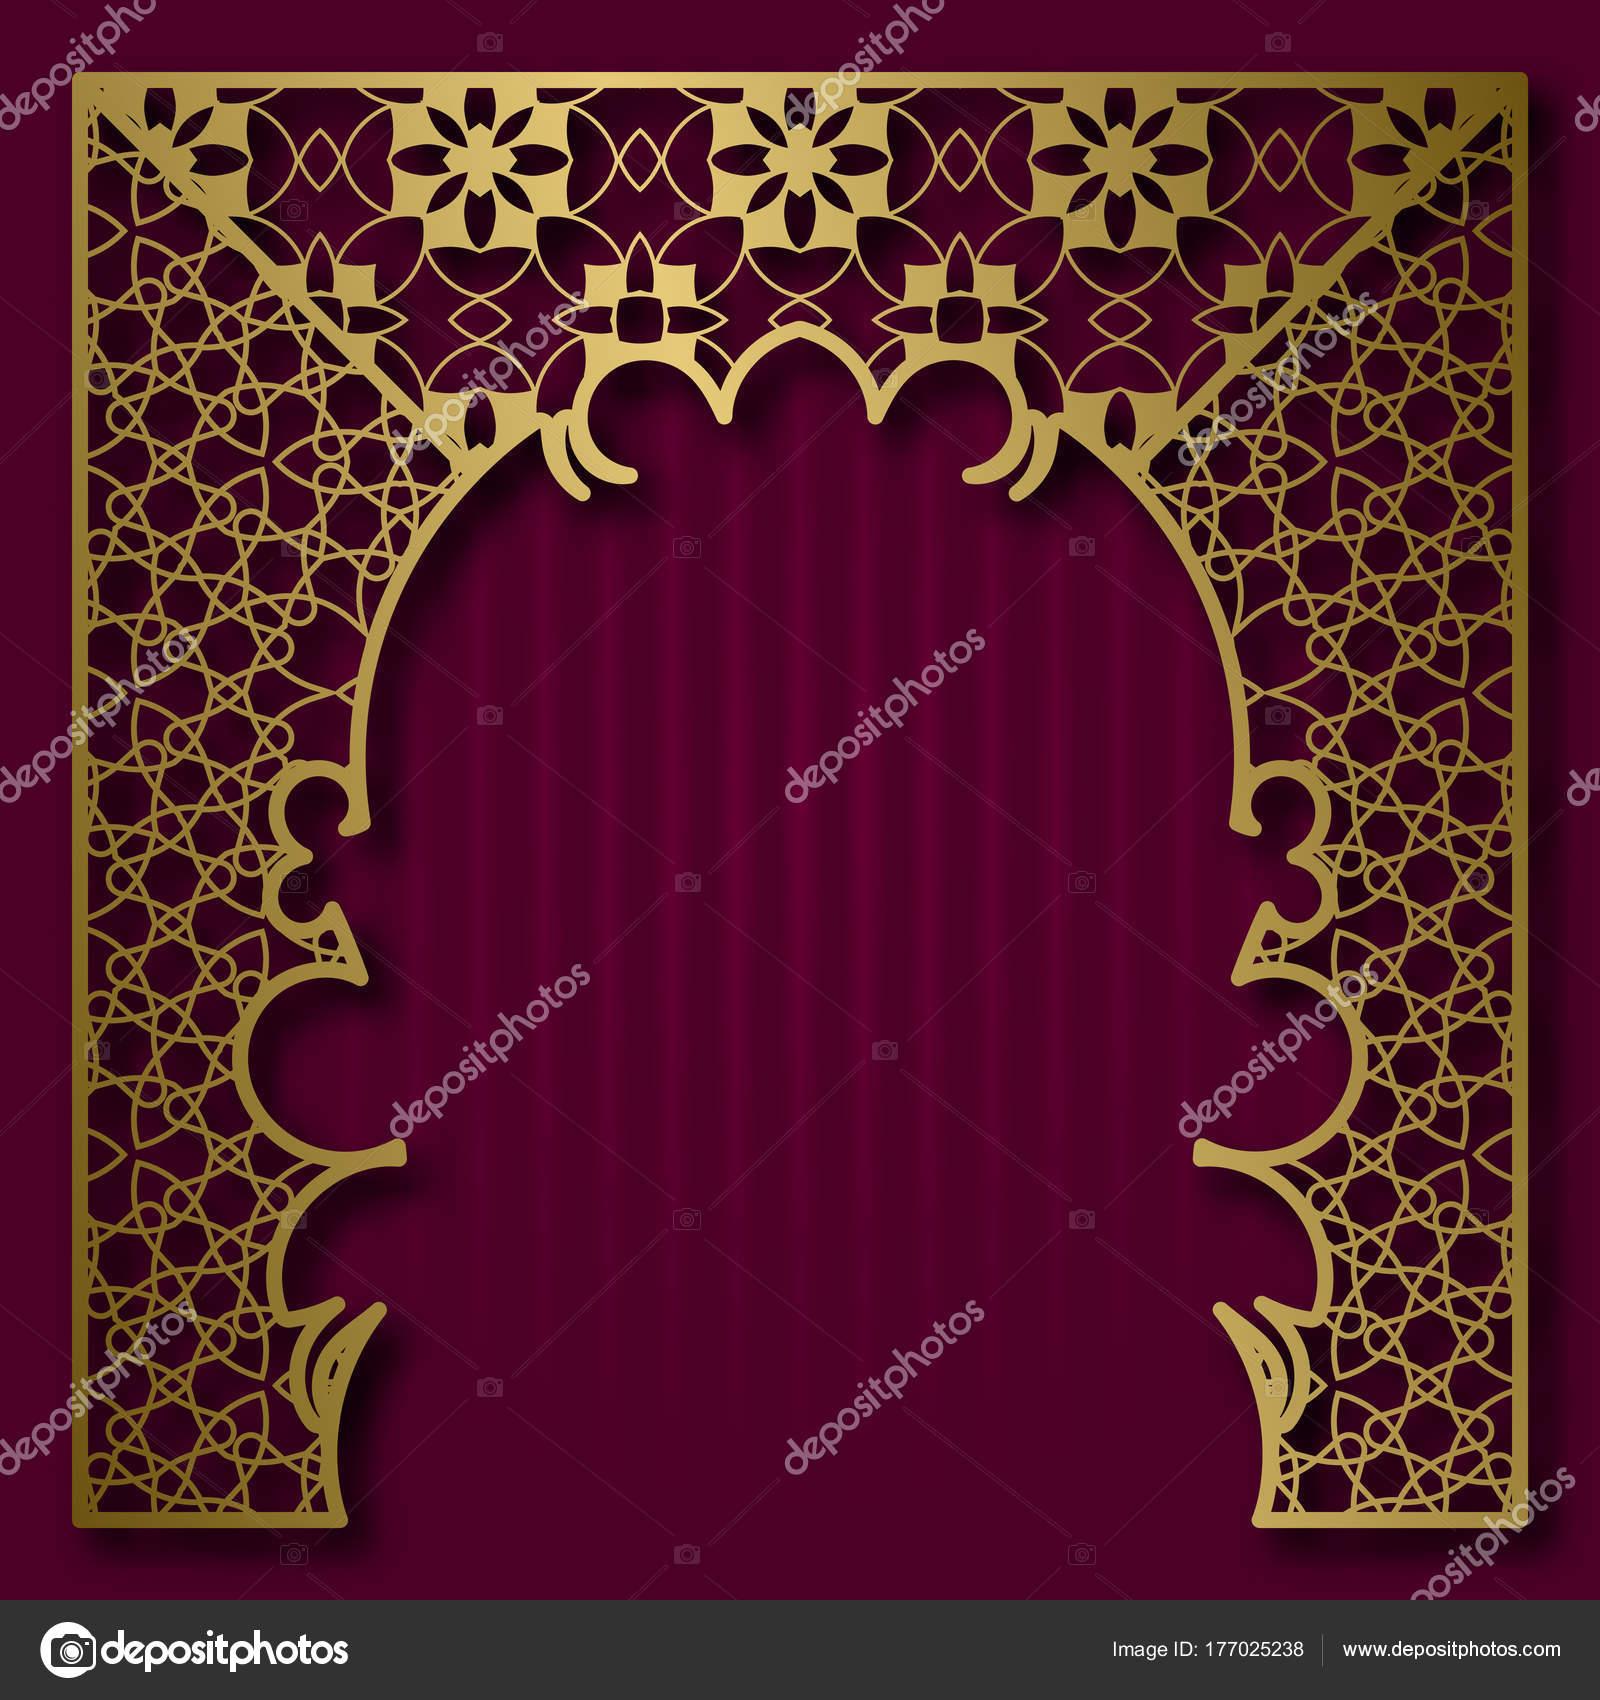 Vintage Grußkarte oder Album Cover-Hintergrund mit goldenen ...